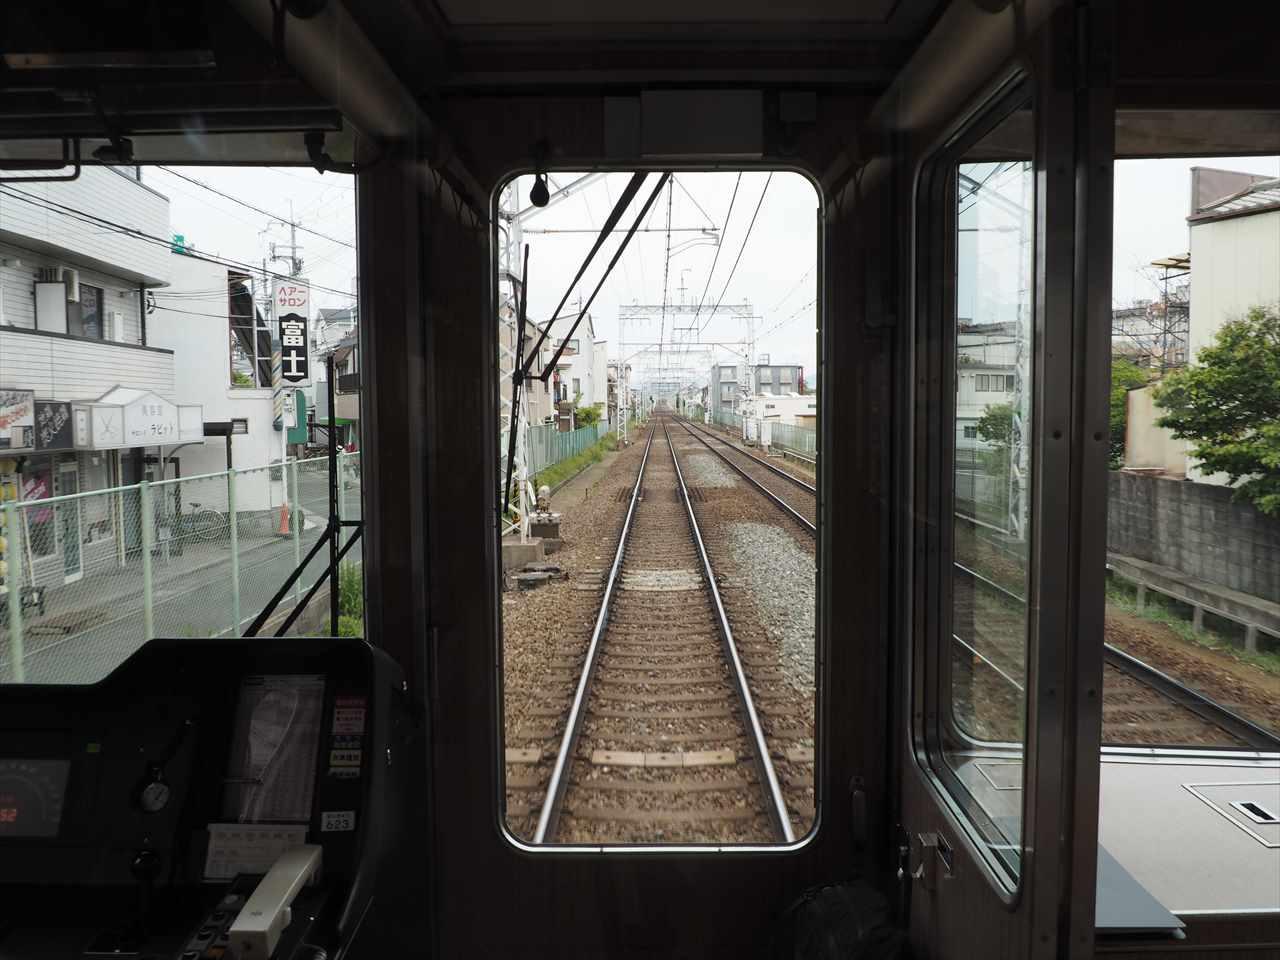 阪急電車 先頭車両 子どもでも見える高さ